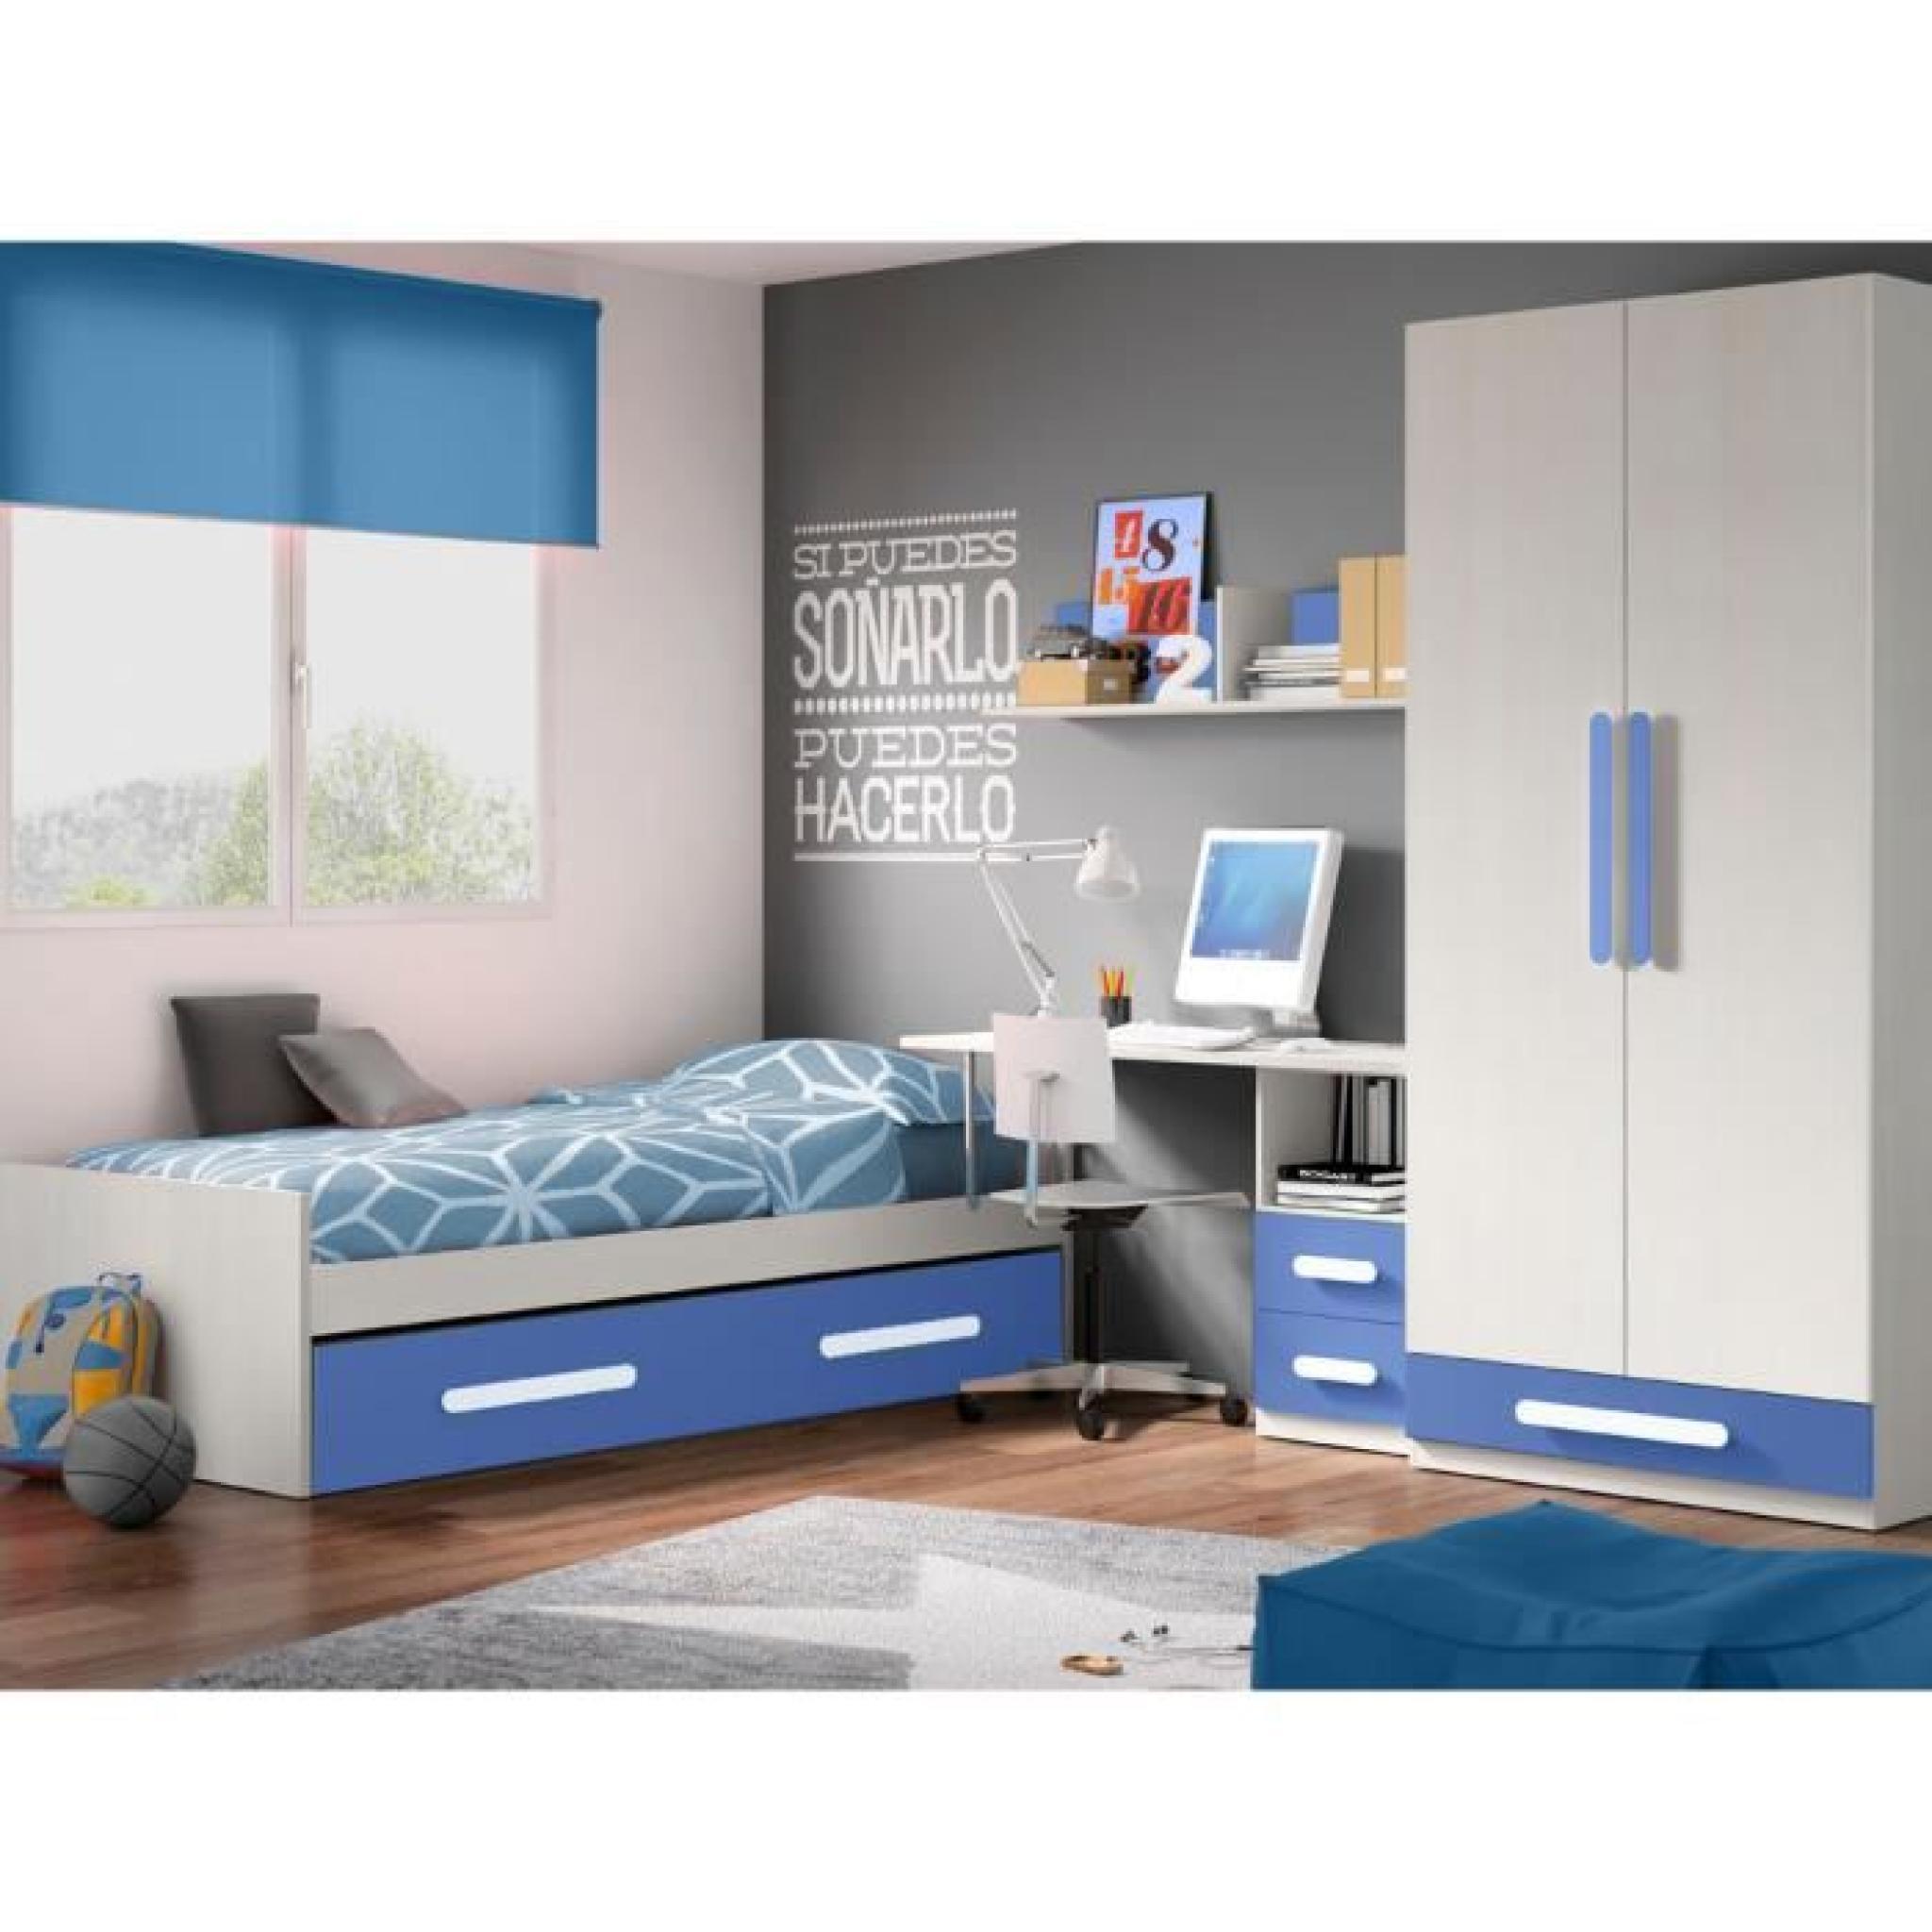 Chambre Enfant Complète DECO 317 Blanc/ Lilas - Achat/Vente chambre ...